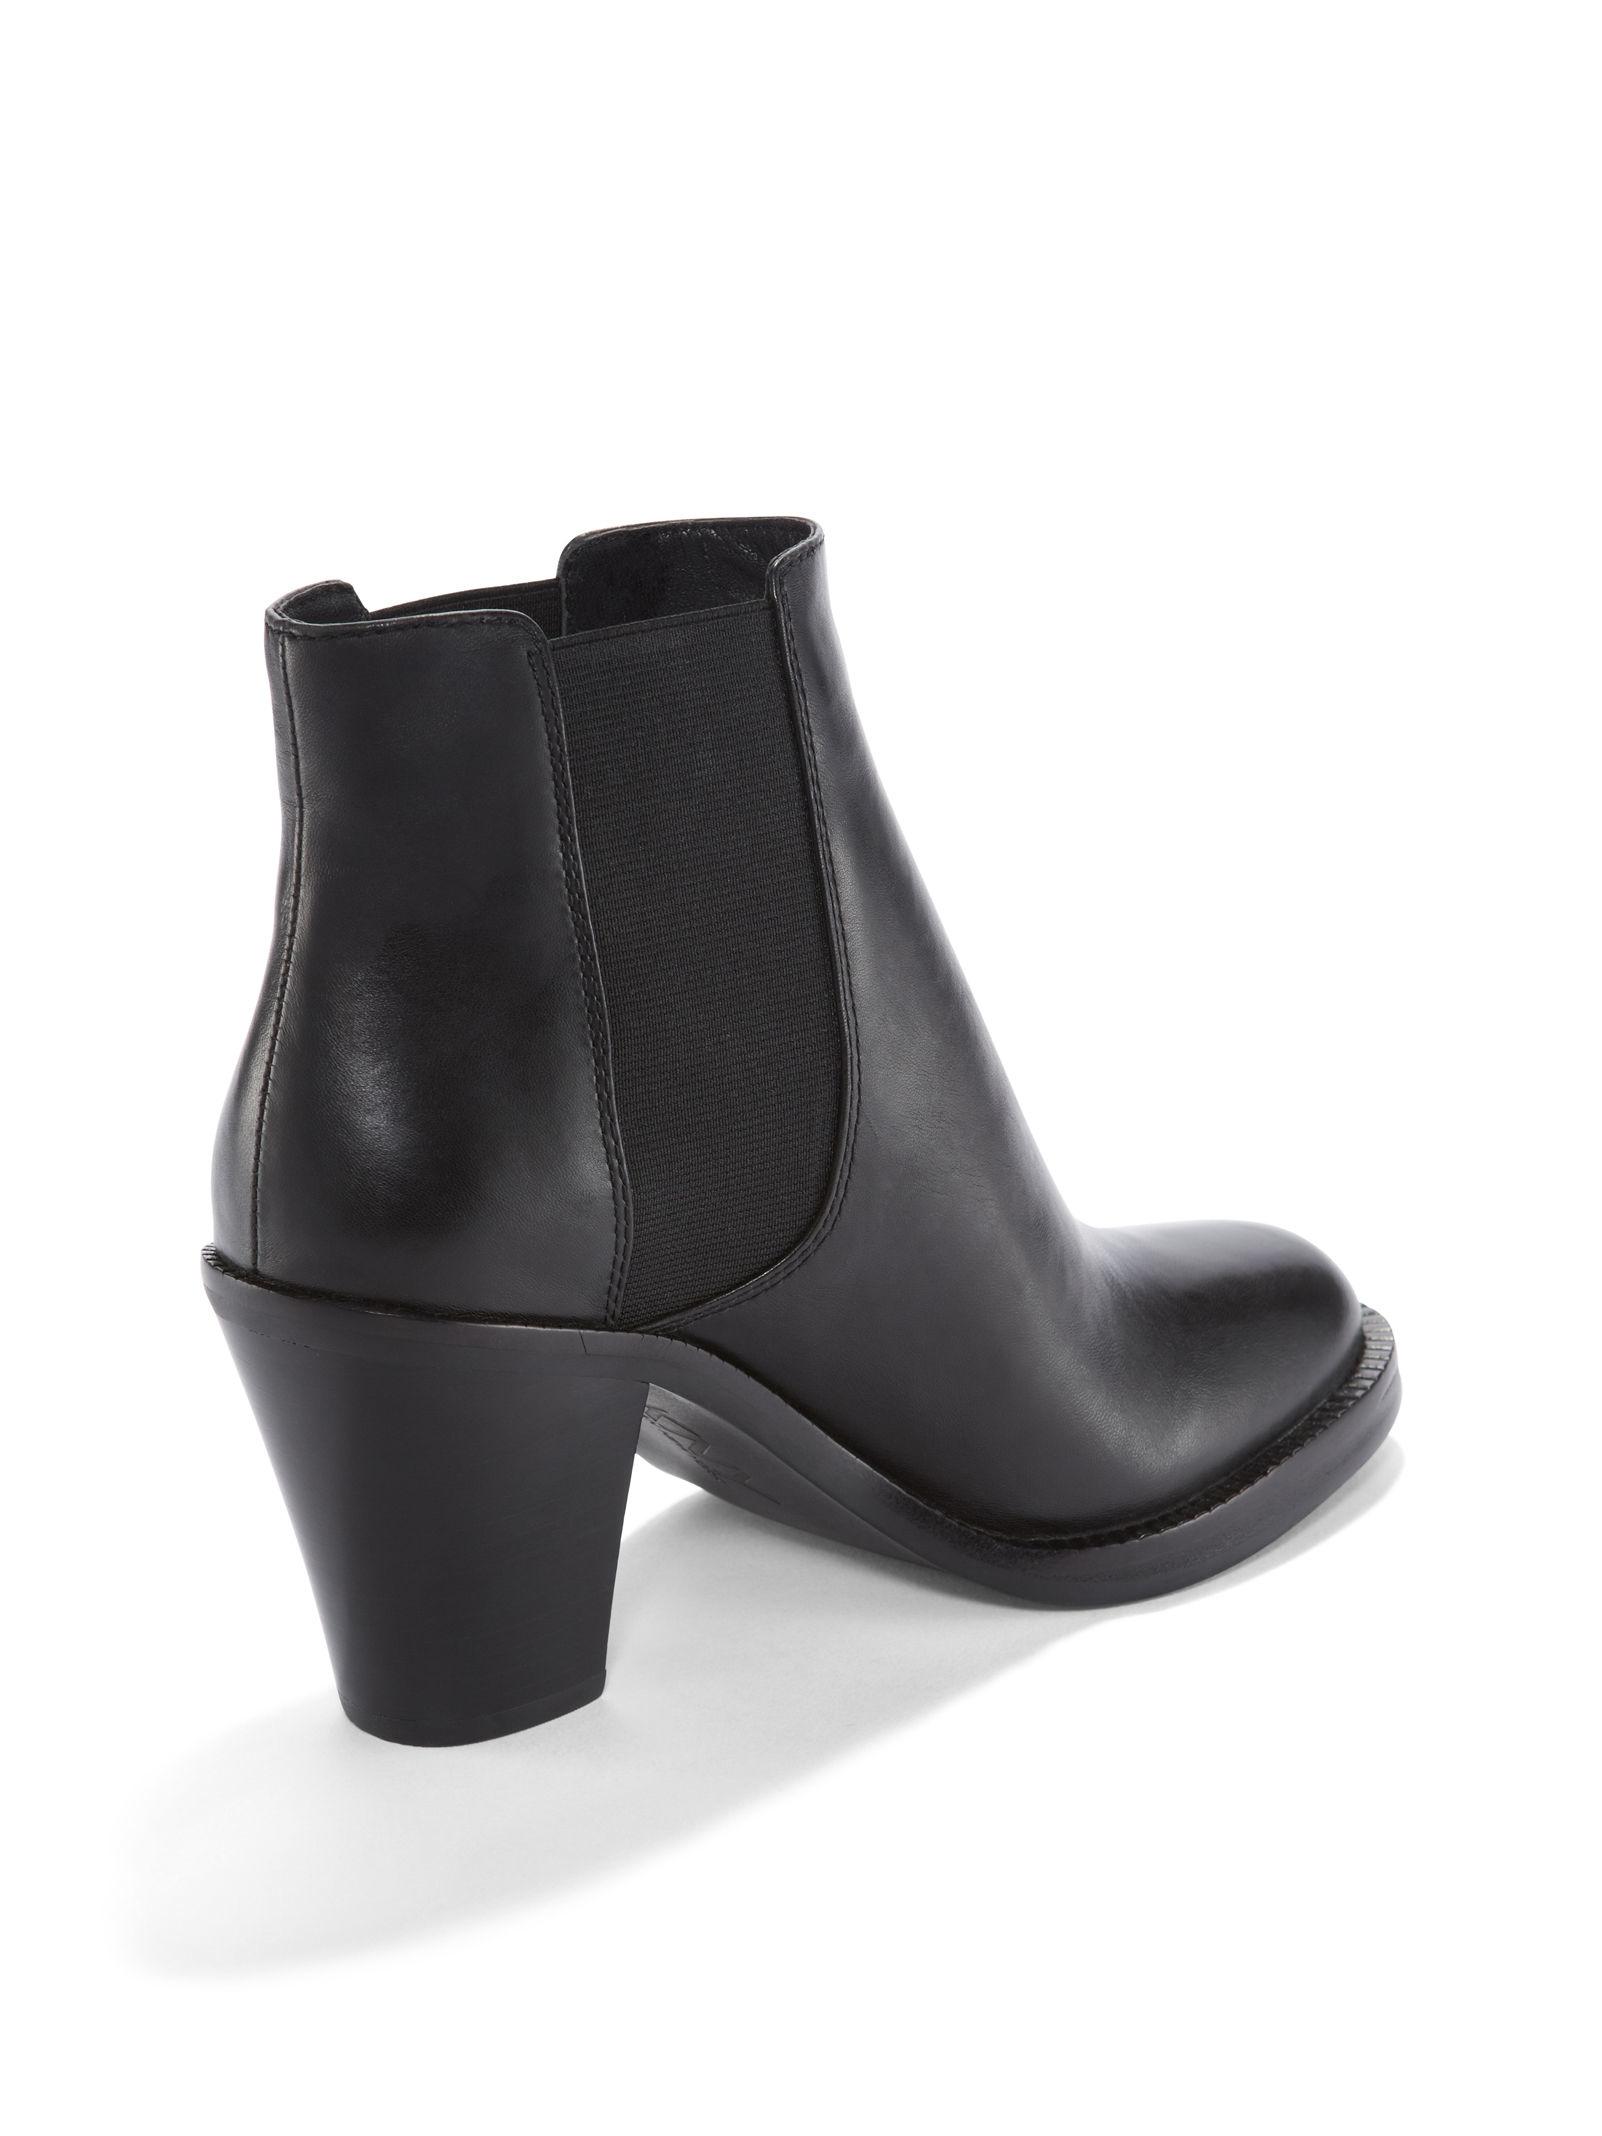 Dkny Black Platform Suede Shoes